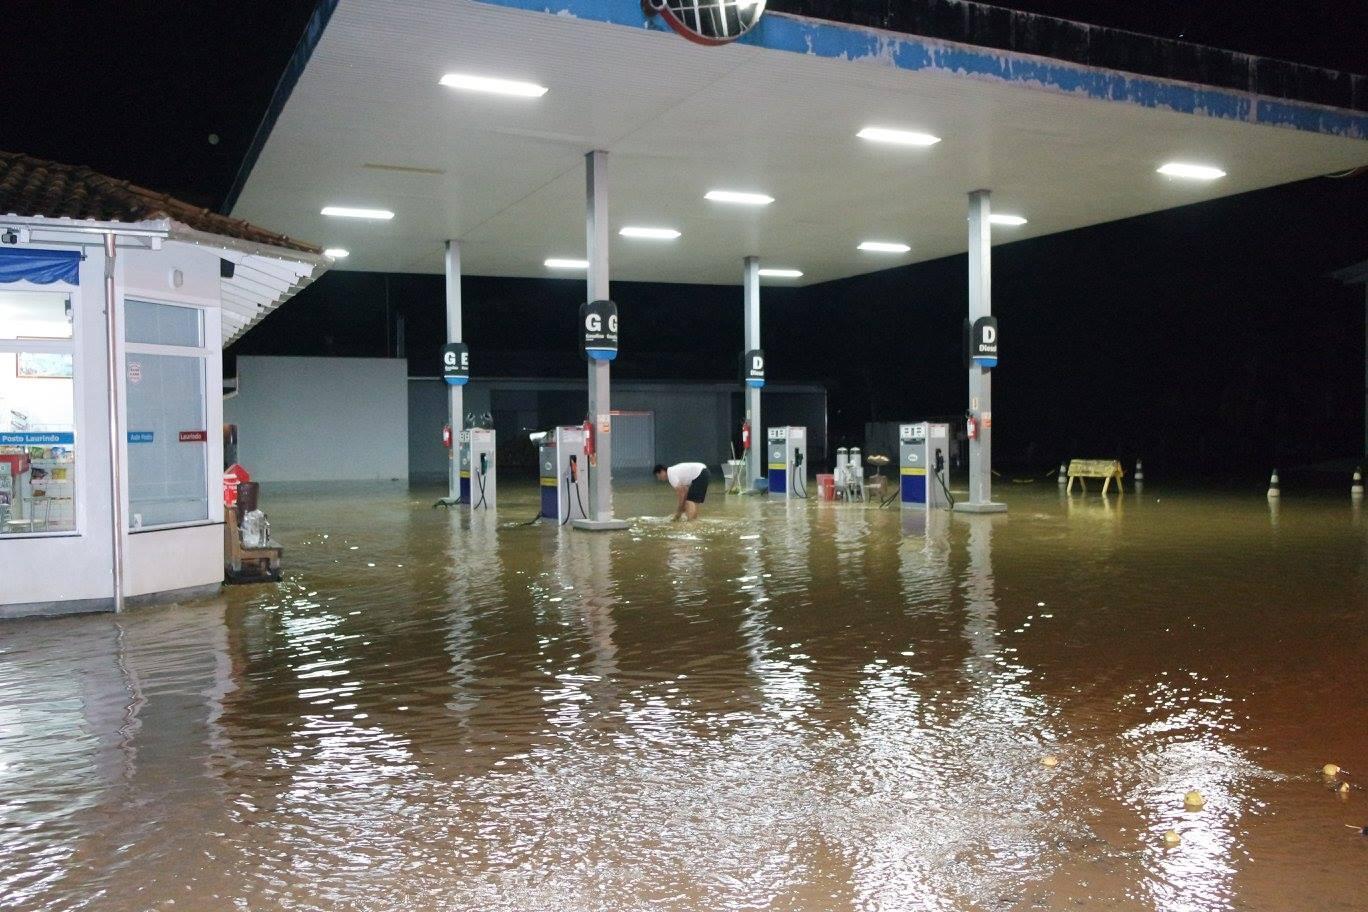 Enxurrada faz rio subir e água invade centro da cidade de Leoberto Leal